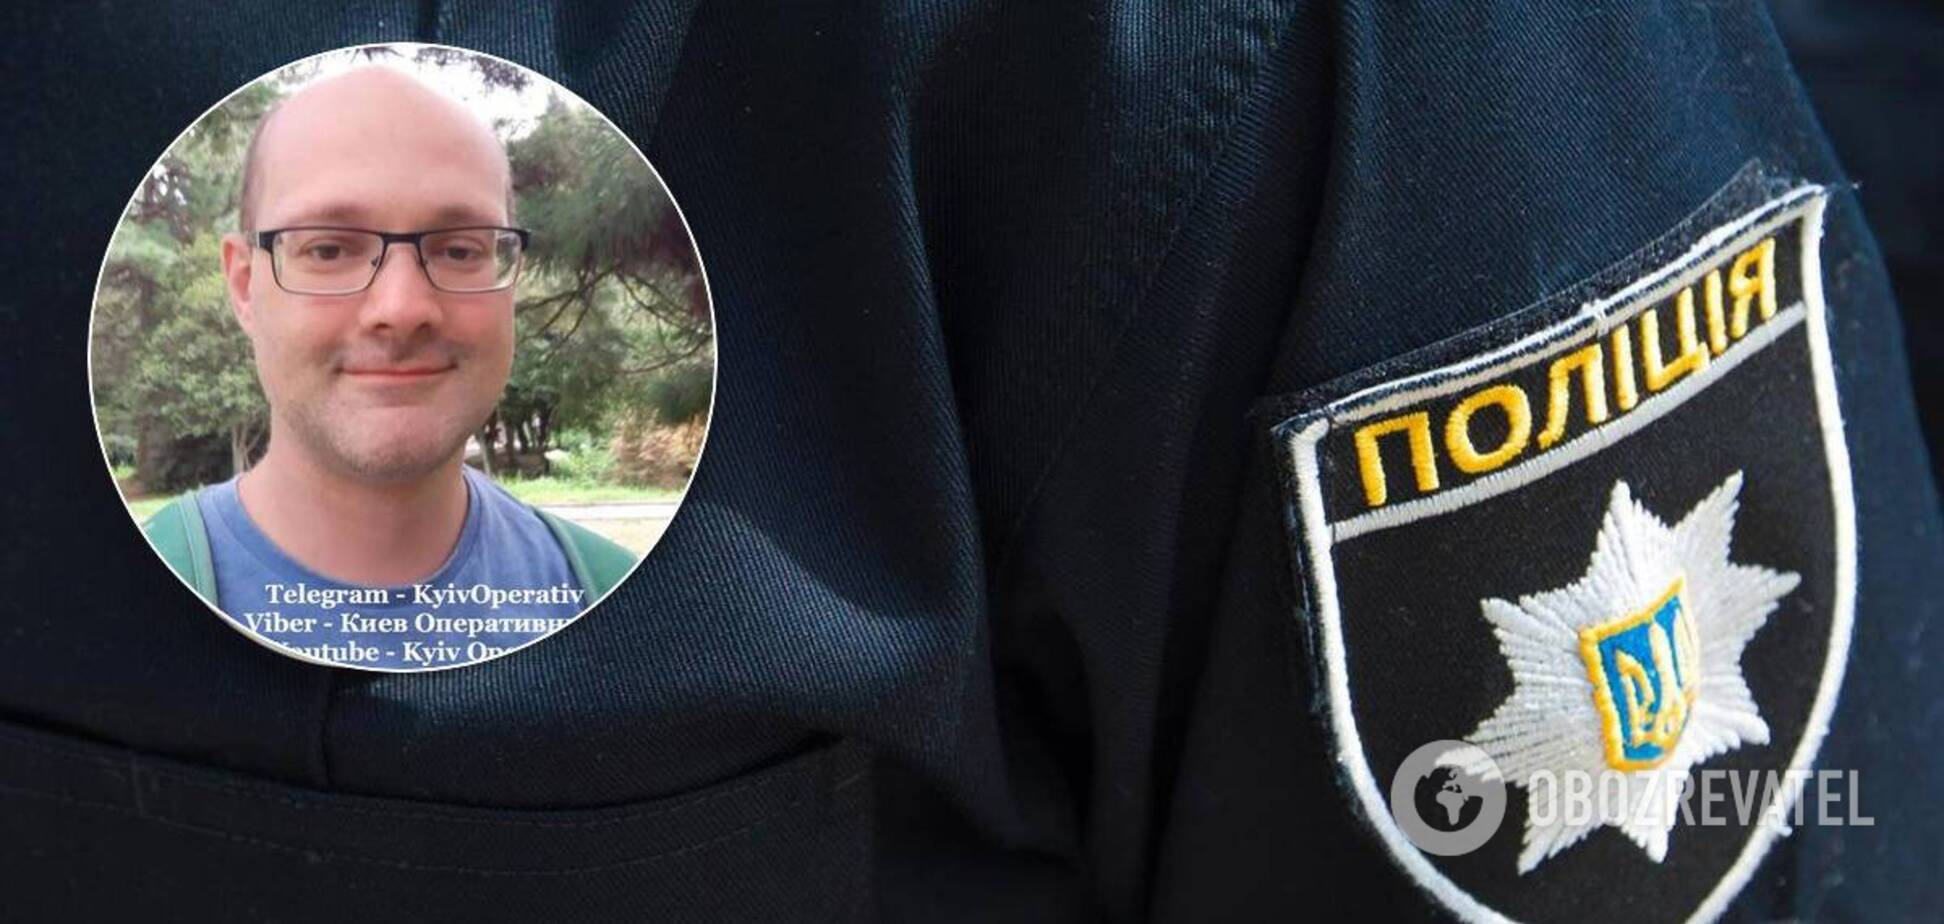 В Киеве нашли мертвым пропавшего волонтера Кучапина